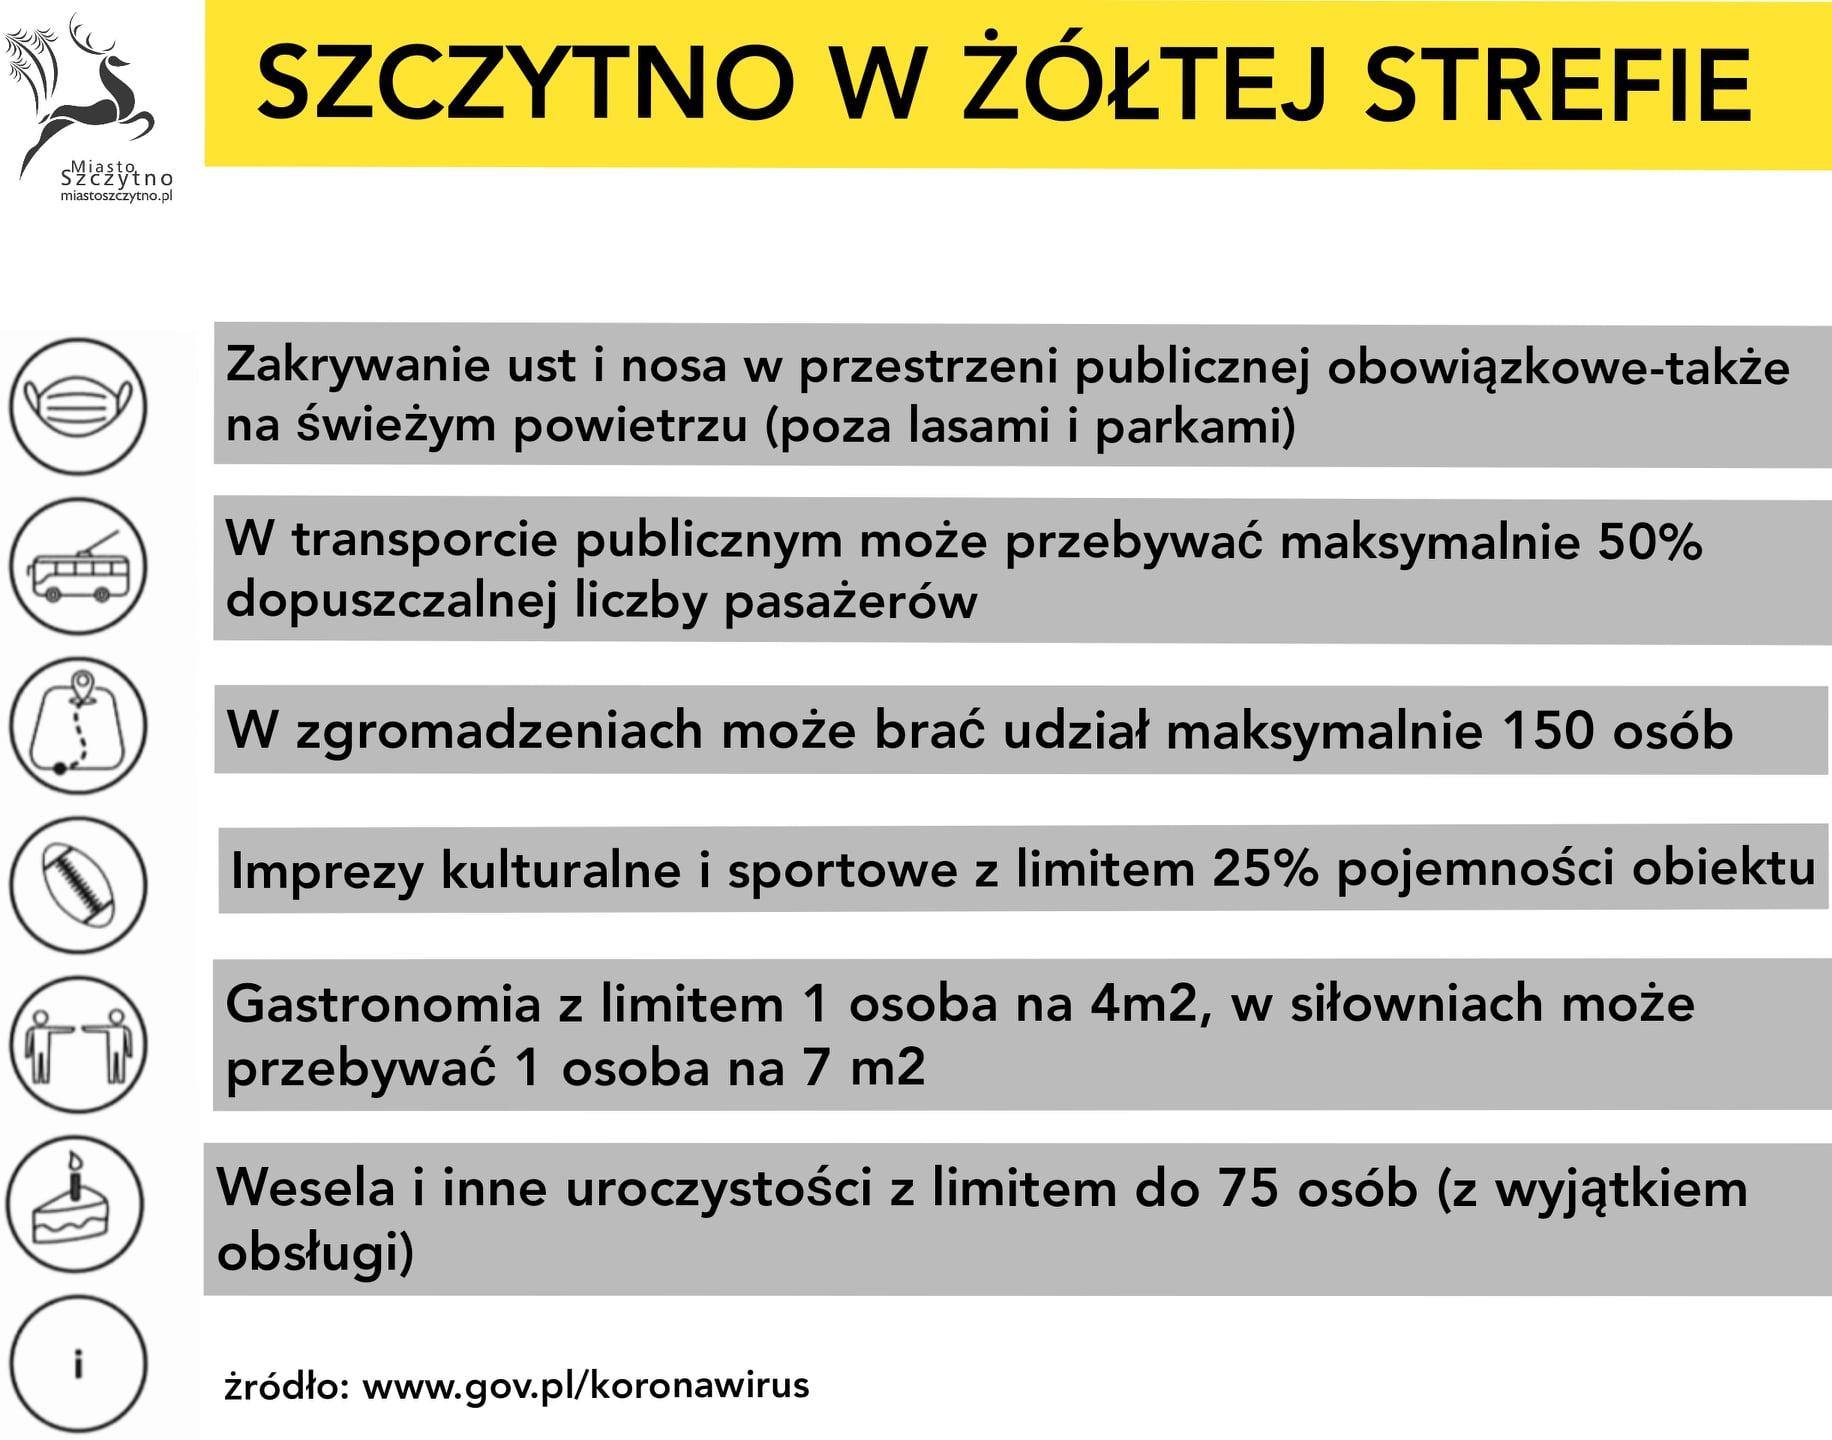 https://m.powiatszczycienski.pl/2020/10/orig/121310756-3201034873340279-627134583615836058-o-35062.jpg